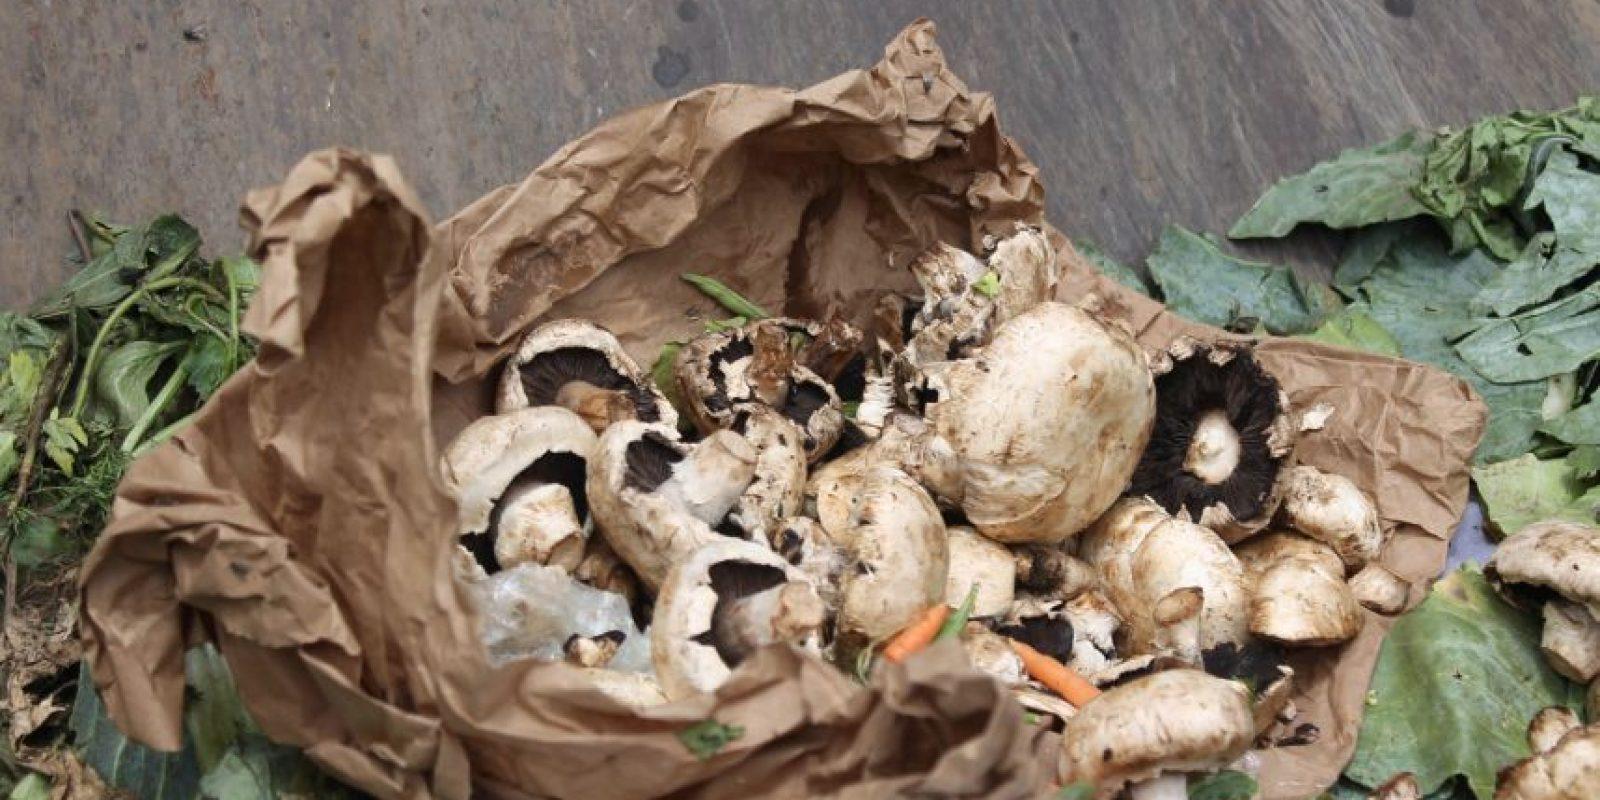 En los contenedores se pueden encontrar toda clase de alimentos. Foto:Sofía Toscano-Publimetro